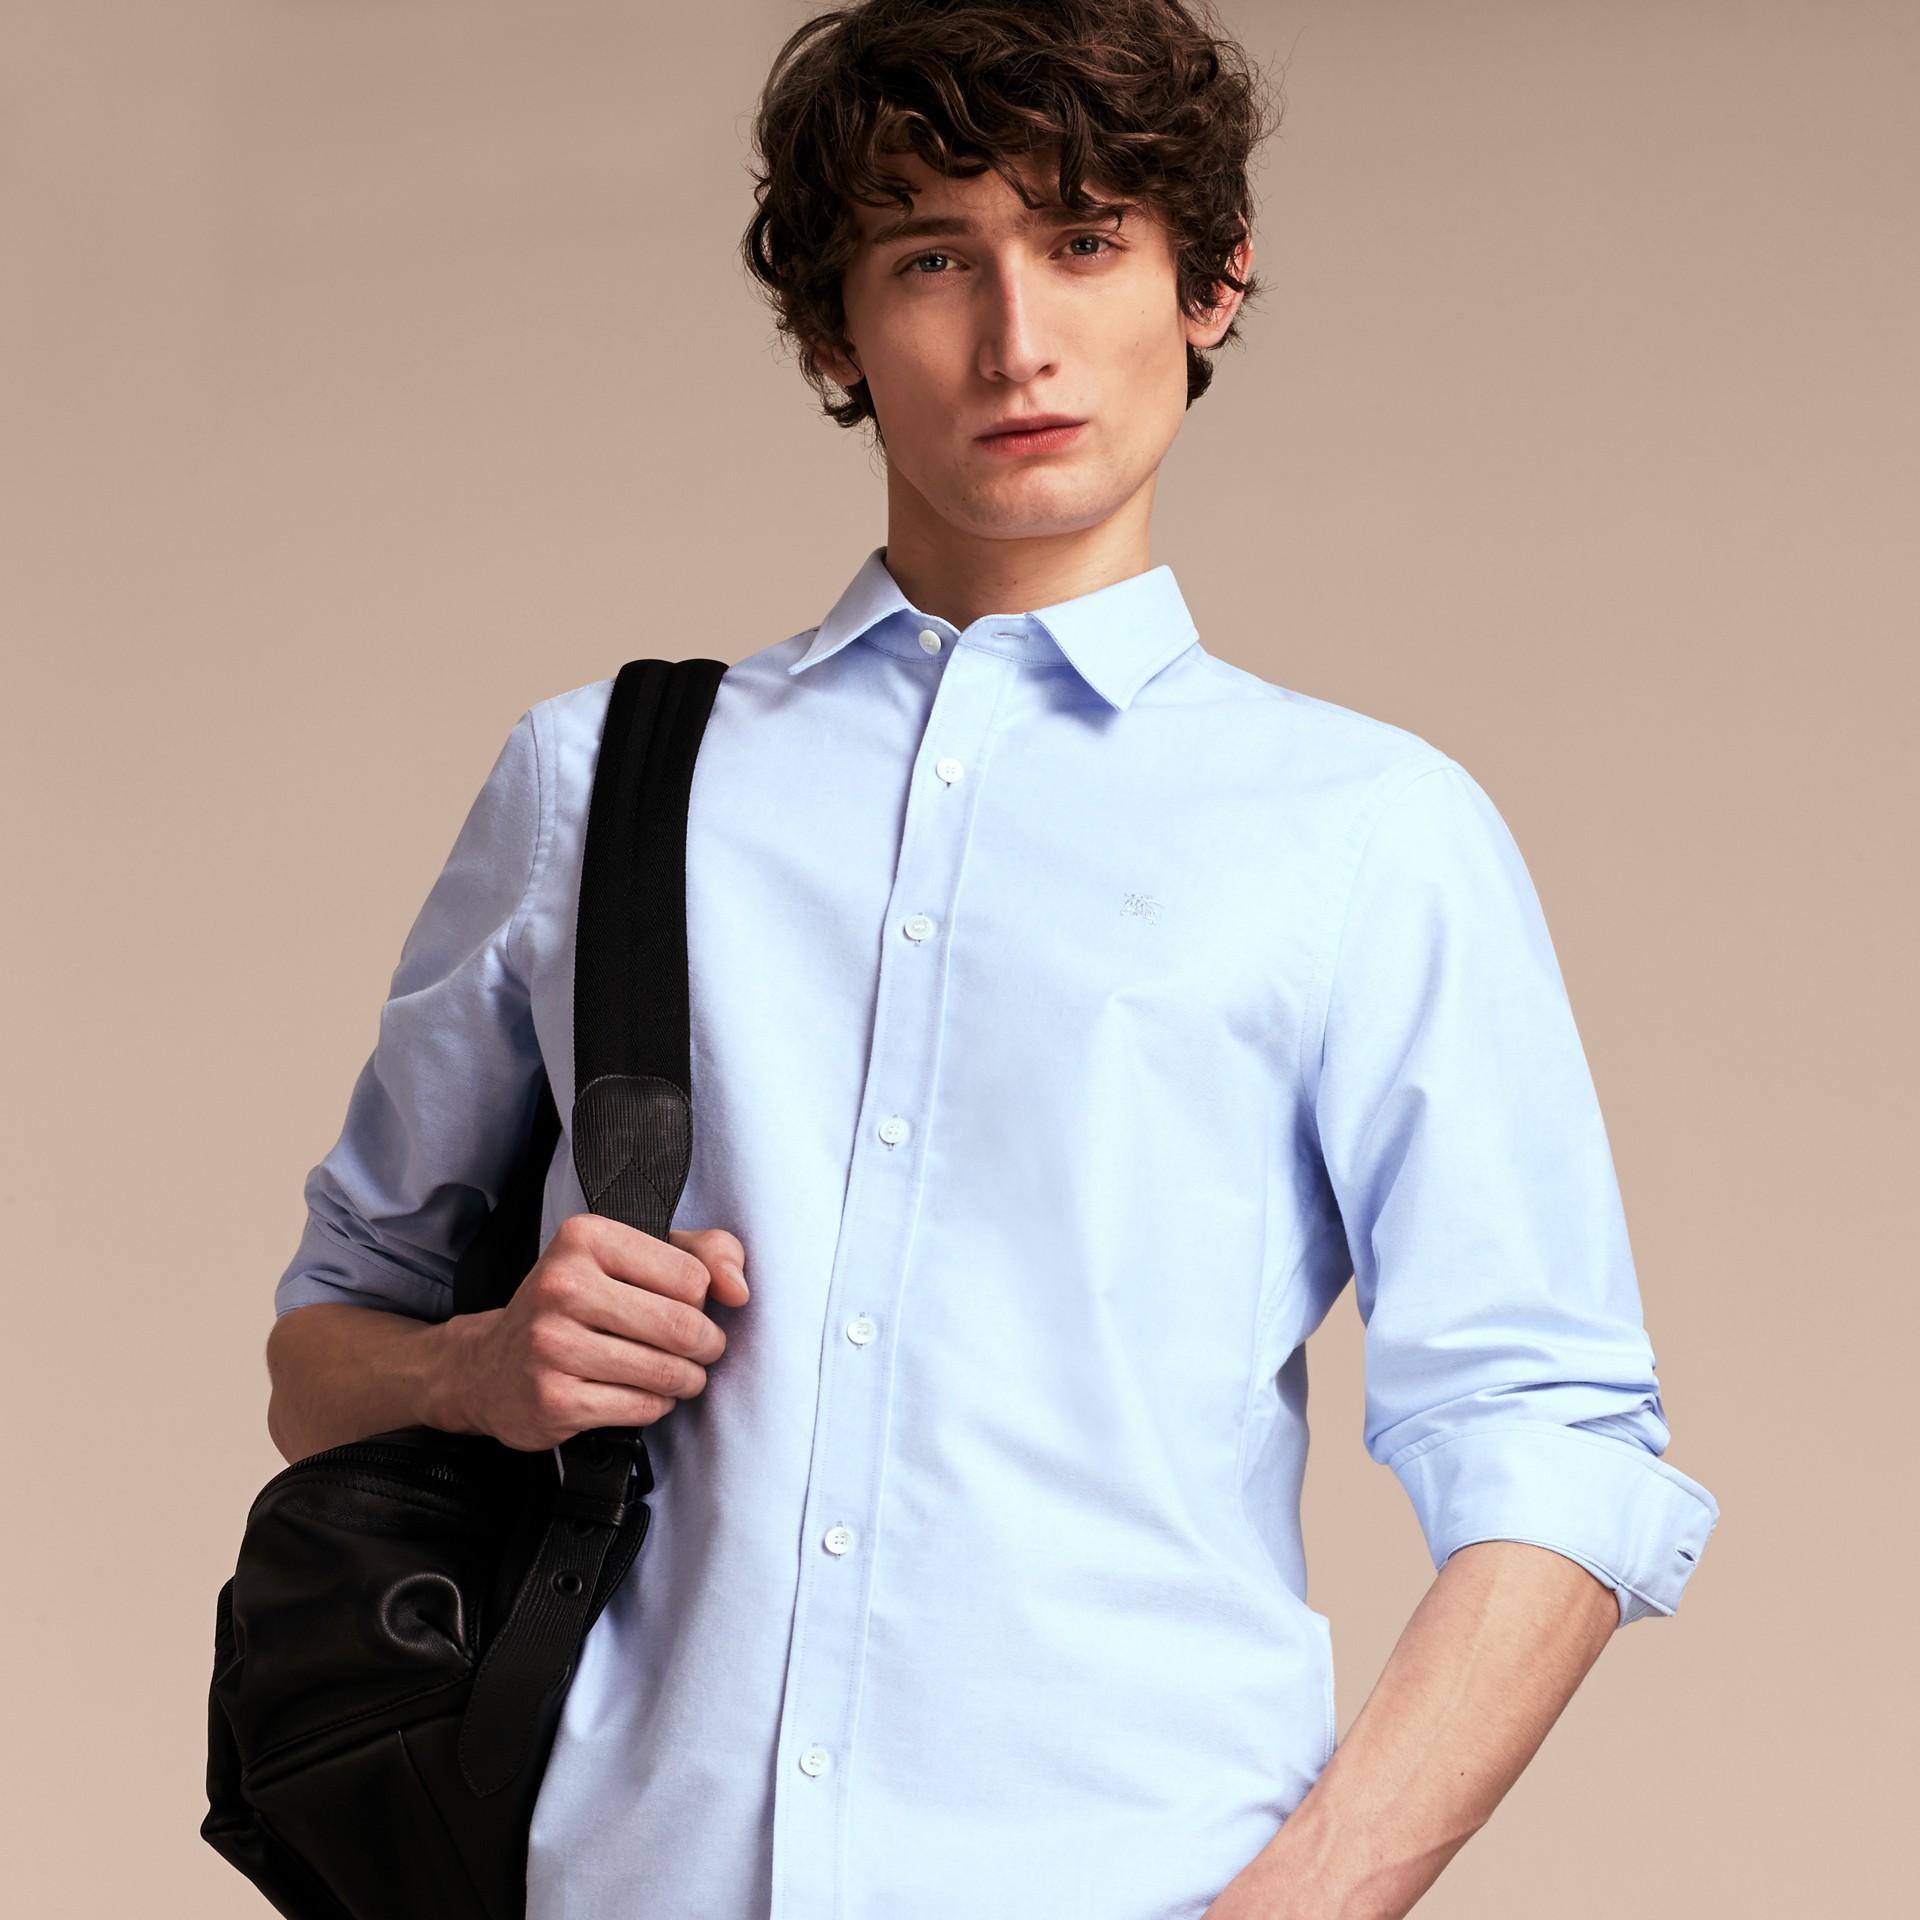 Oxford Cotton Shirt with Regimental Cuff Detail Cornflower Blue - gallery image 7